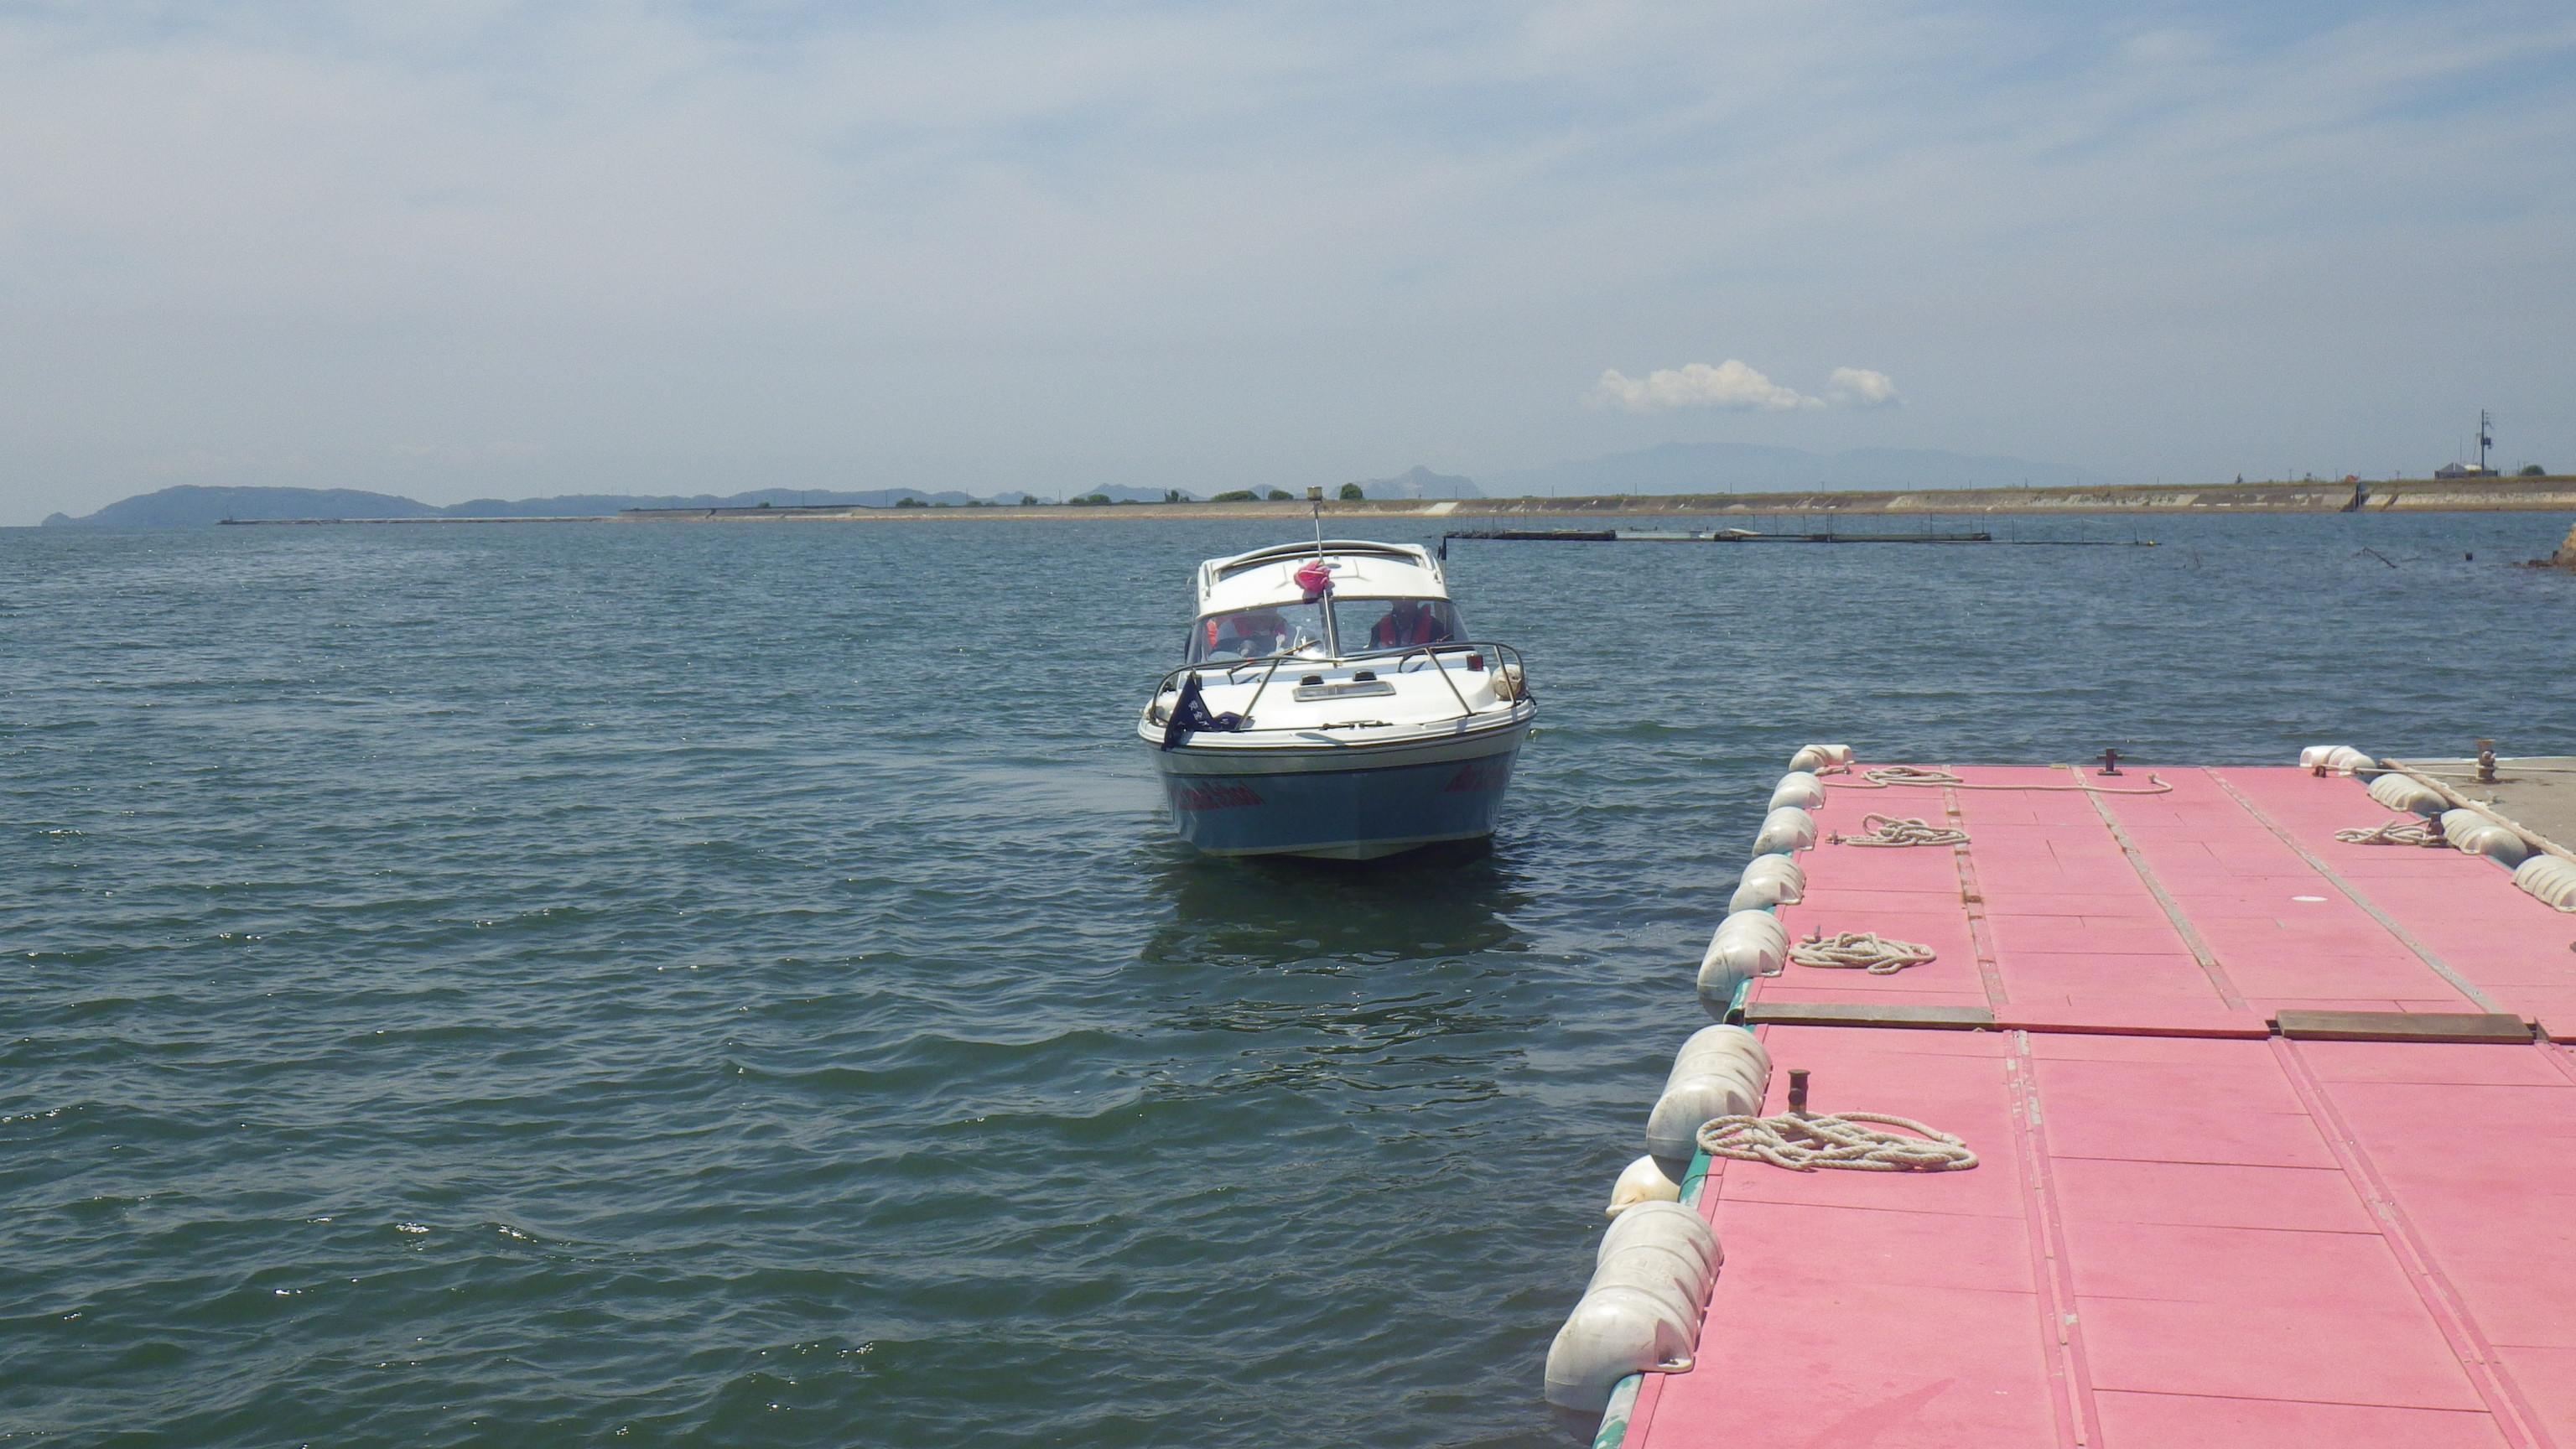 この距離感が難しい!陸上と違い、浮いているので、風・波の影響を考えての操船が必要です